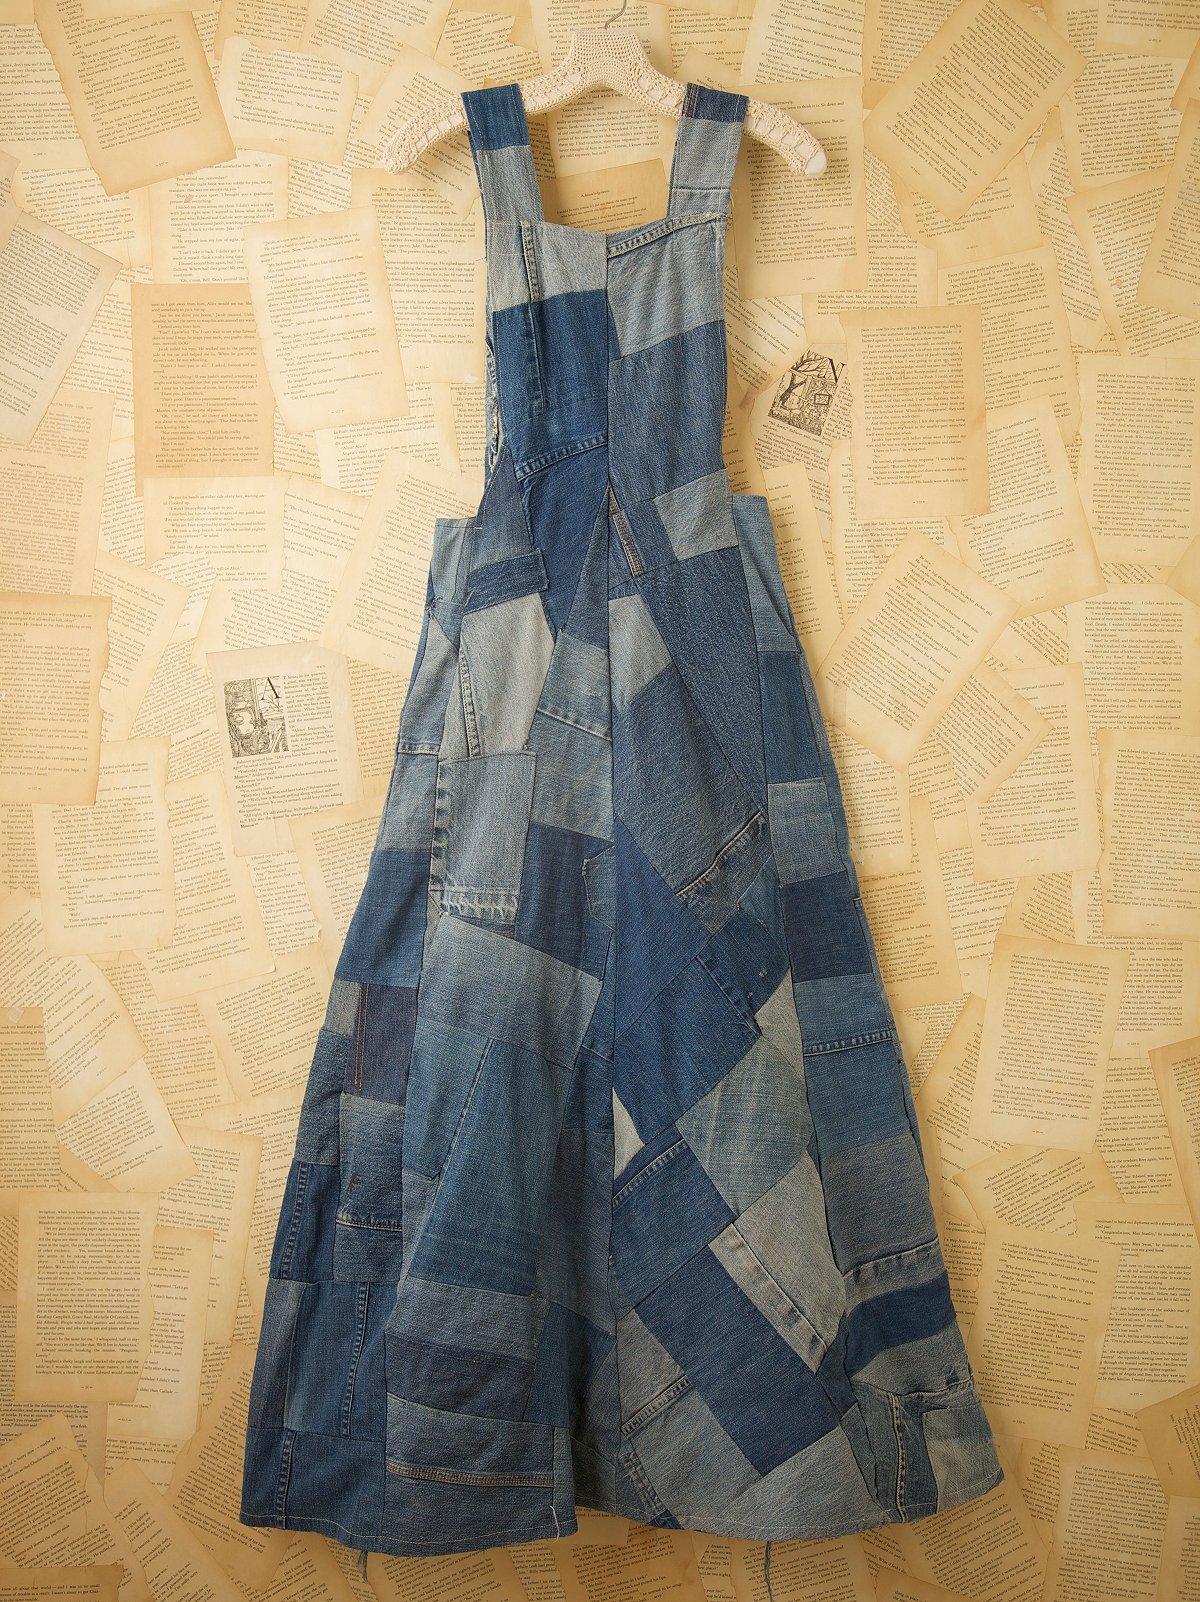 Vintage Patched Denim Dress